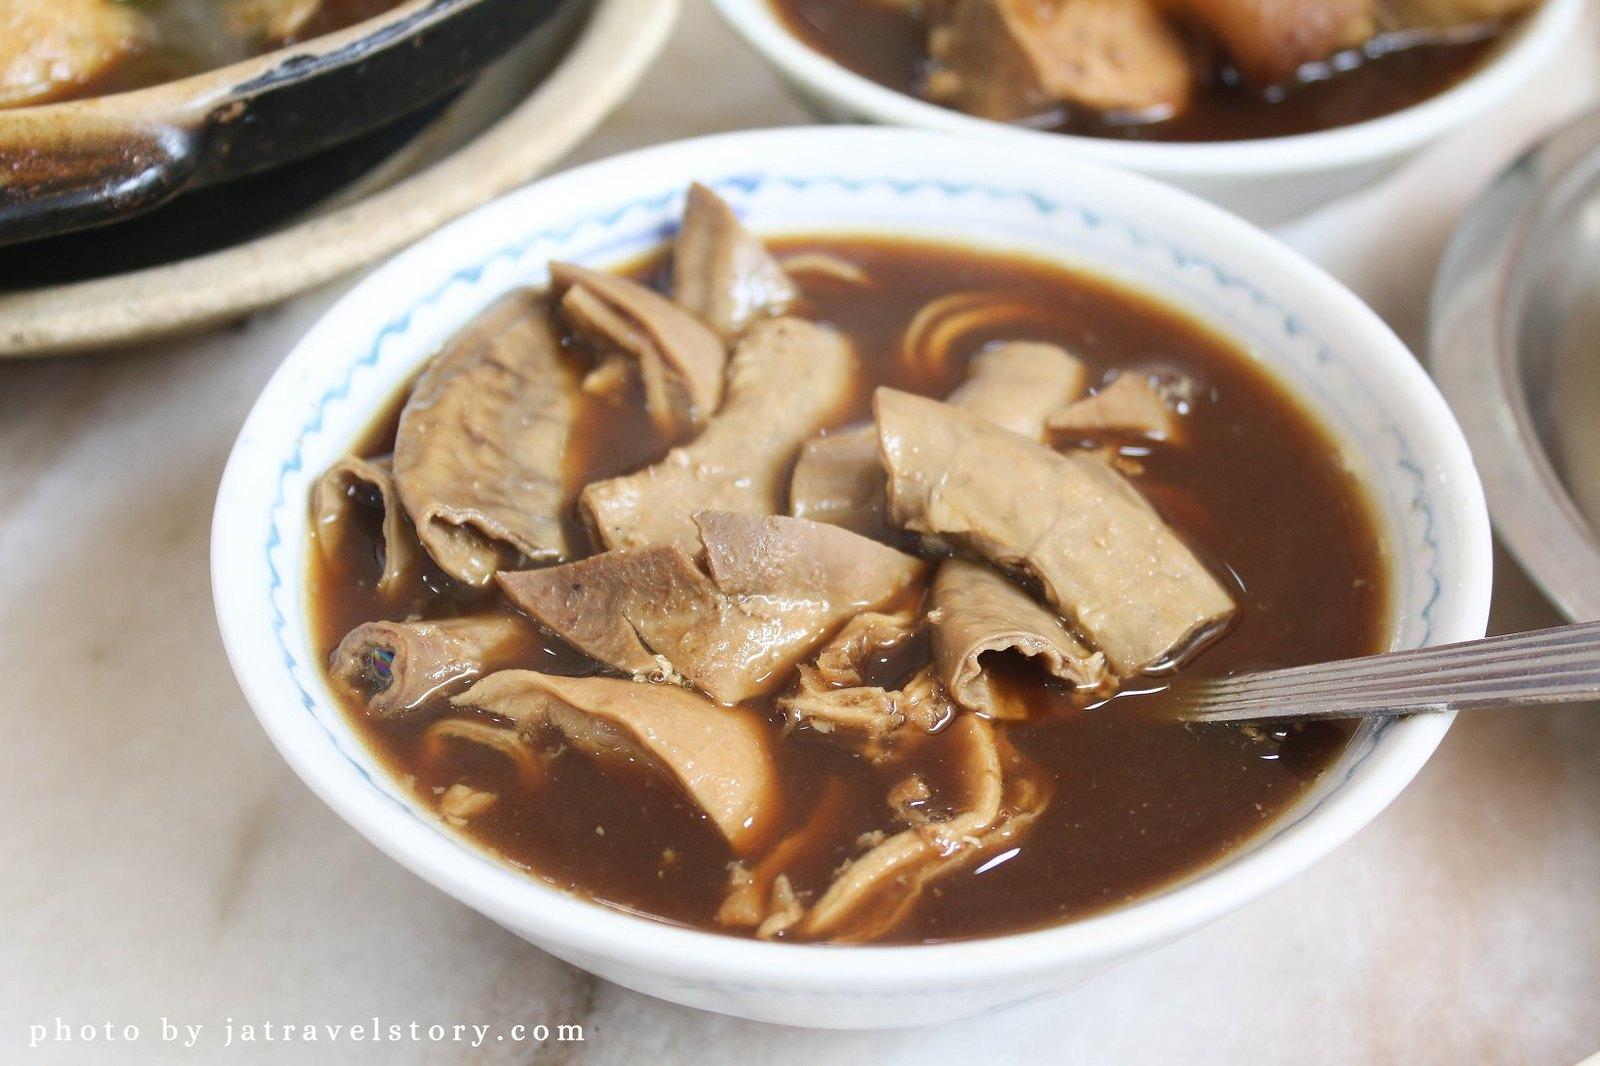 【馬來西亞/巴生美食】楊氏肉骨茶 Yeoh's Bah Kut Teh 香濃湯頭、入味好吃 @J&A的旅行